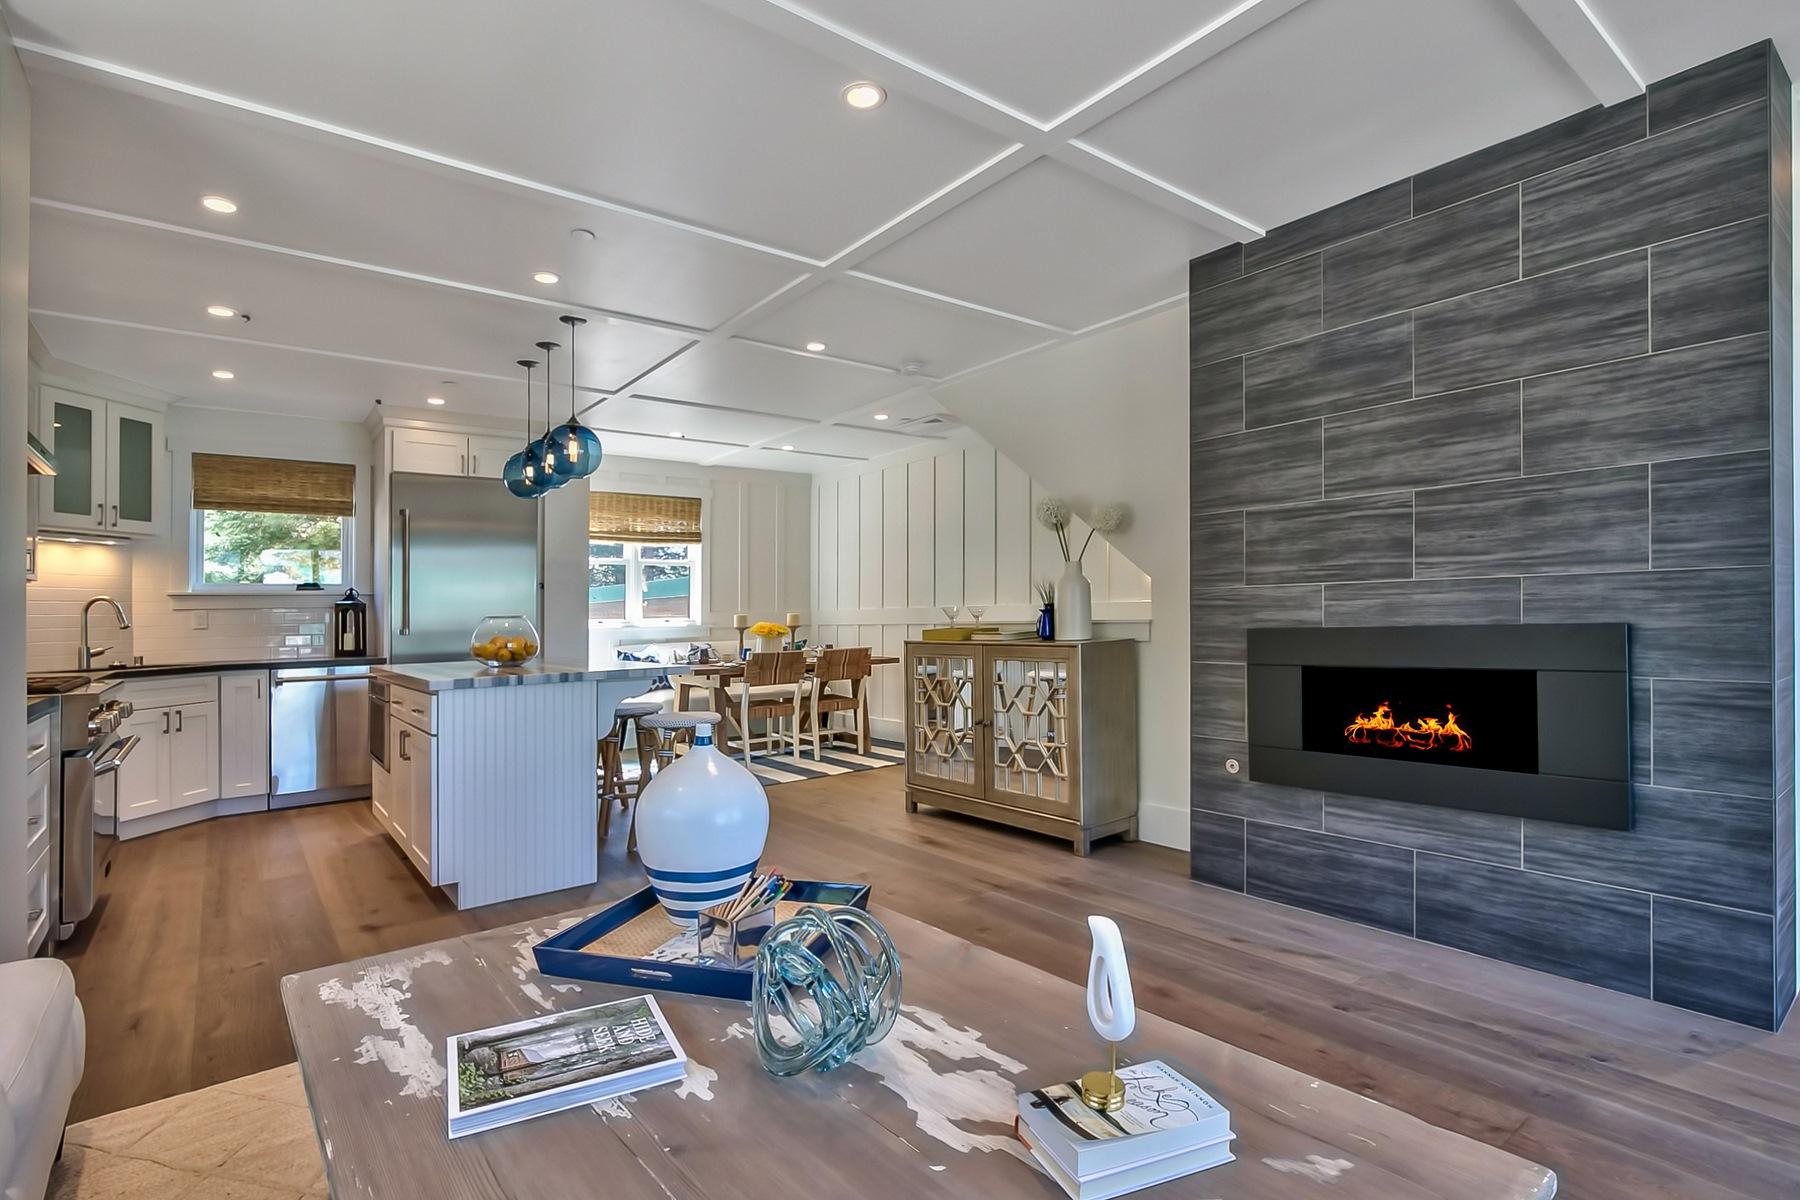 共管式独立产权公寓 为 销售 在 8308 North Lake Boulevard, Unit 2 8308 North Lake Boulevard Unit 2 Kings Beach, 加利福尼亚州 96143 美国